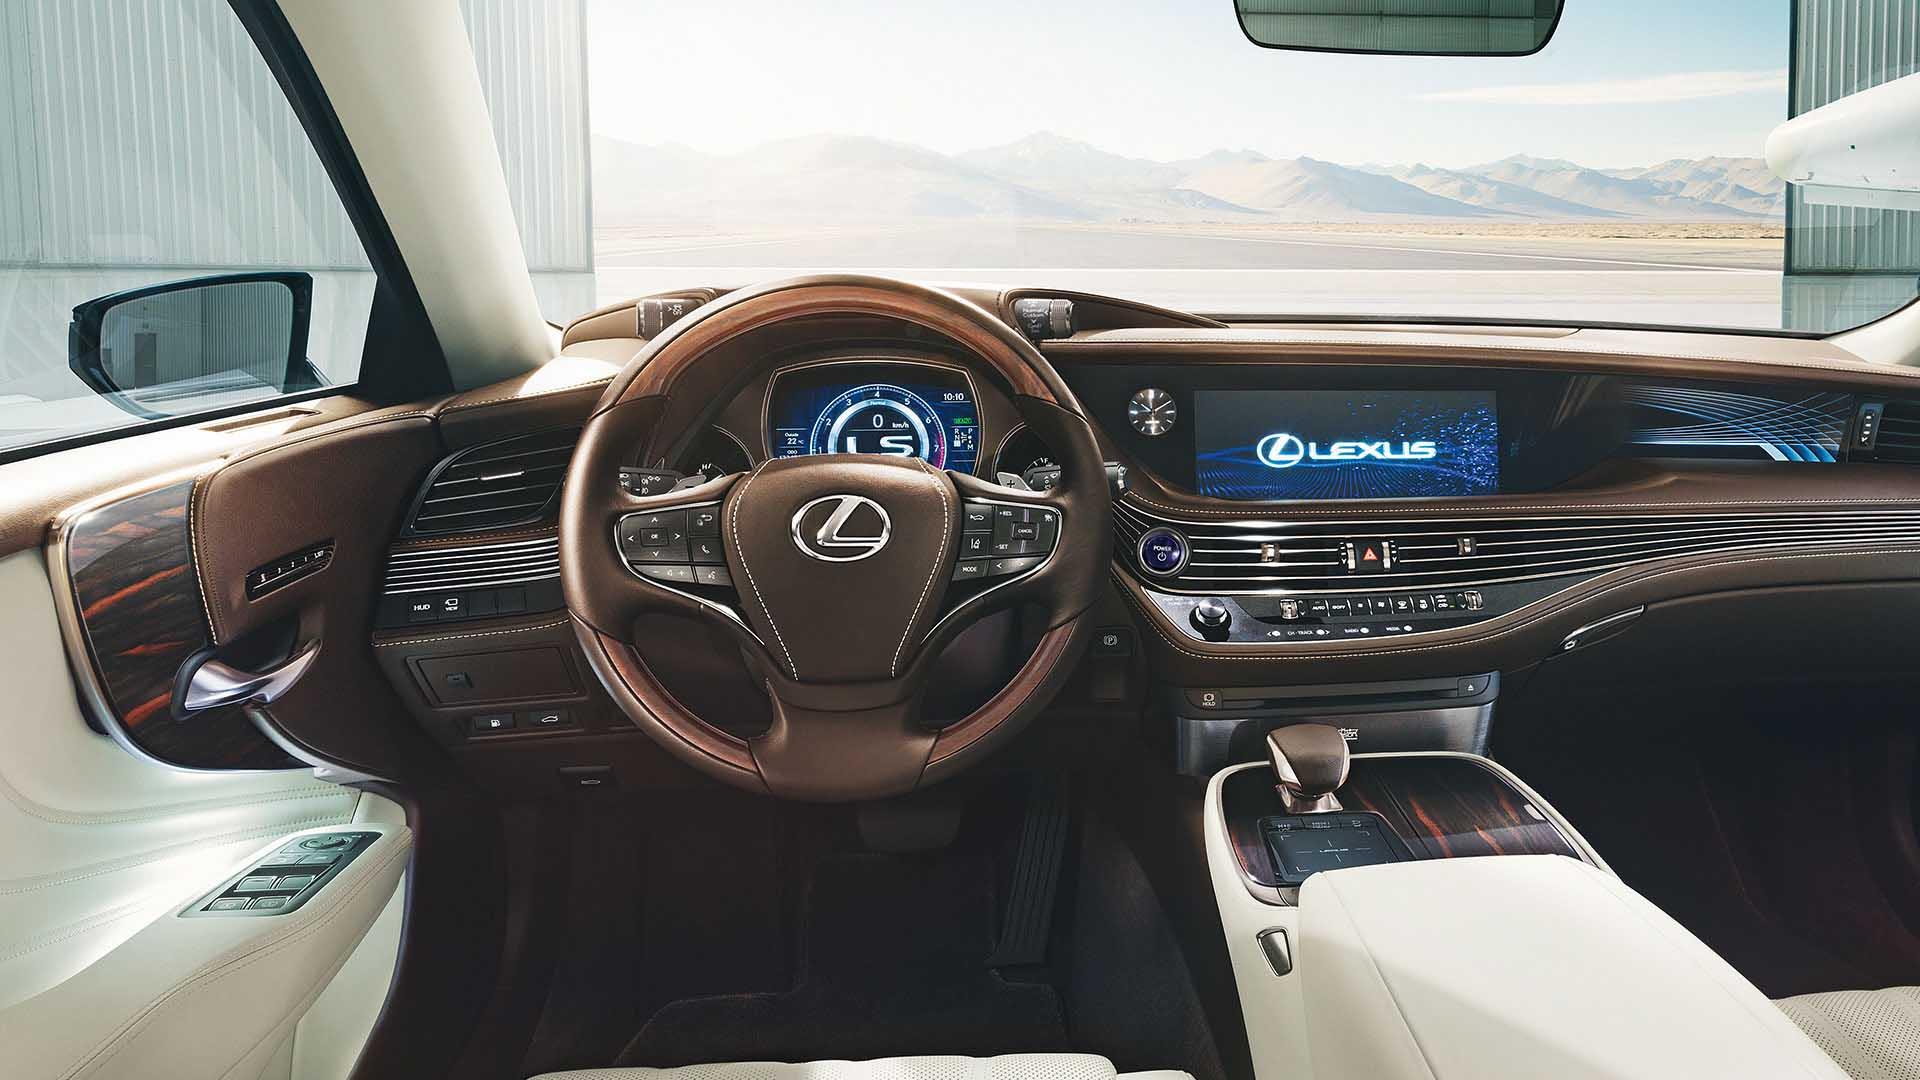 2017 lexus ls 500h next steps behind wheel